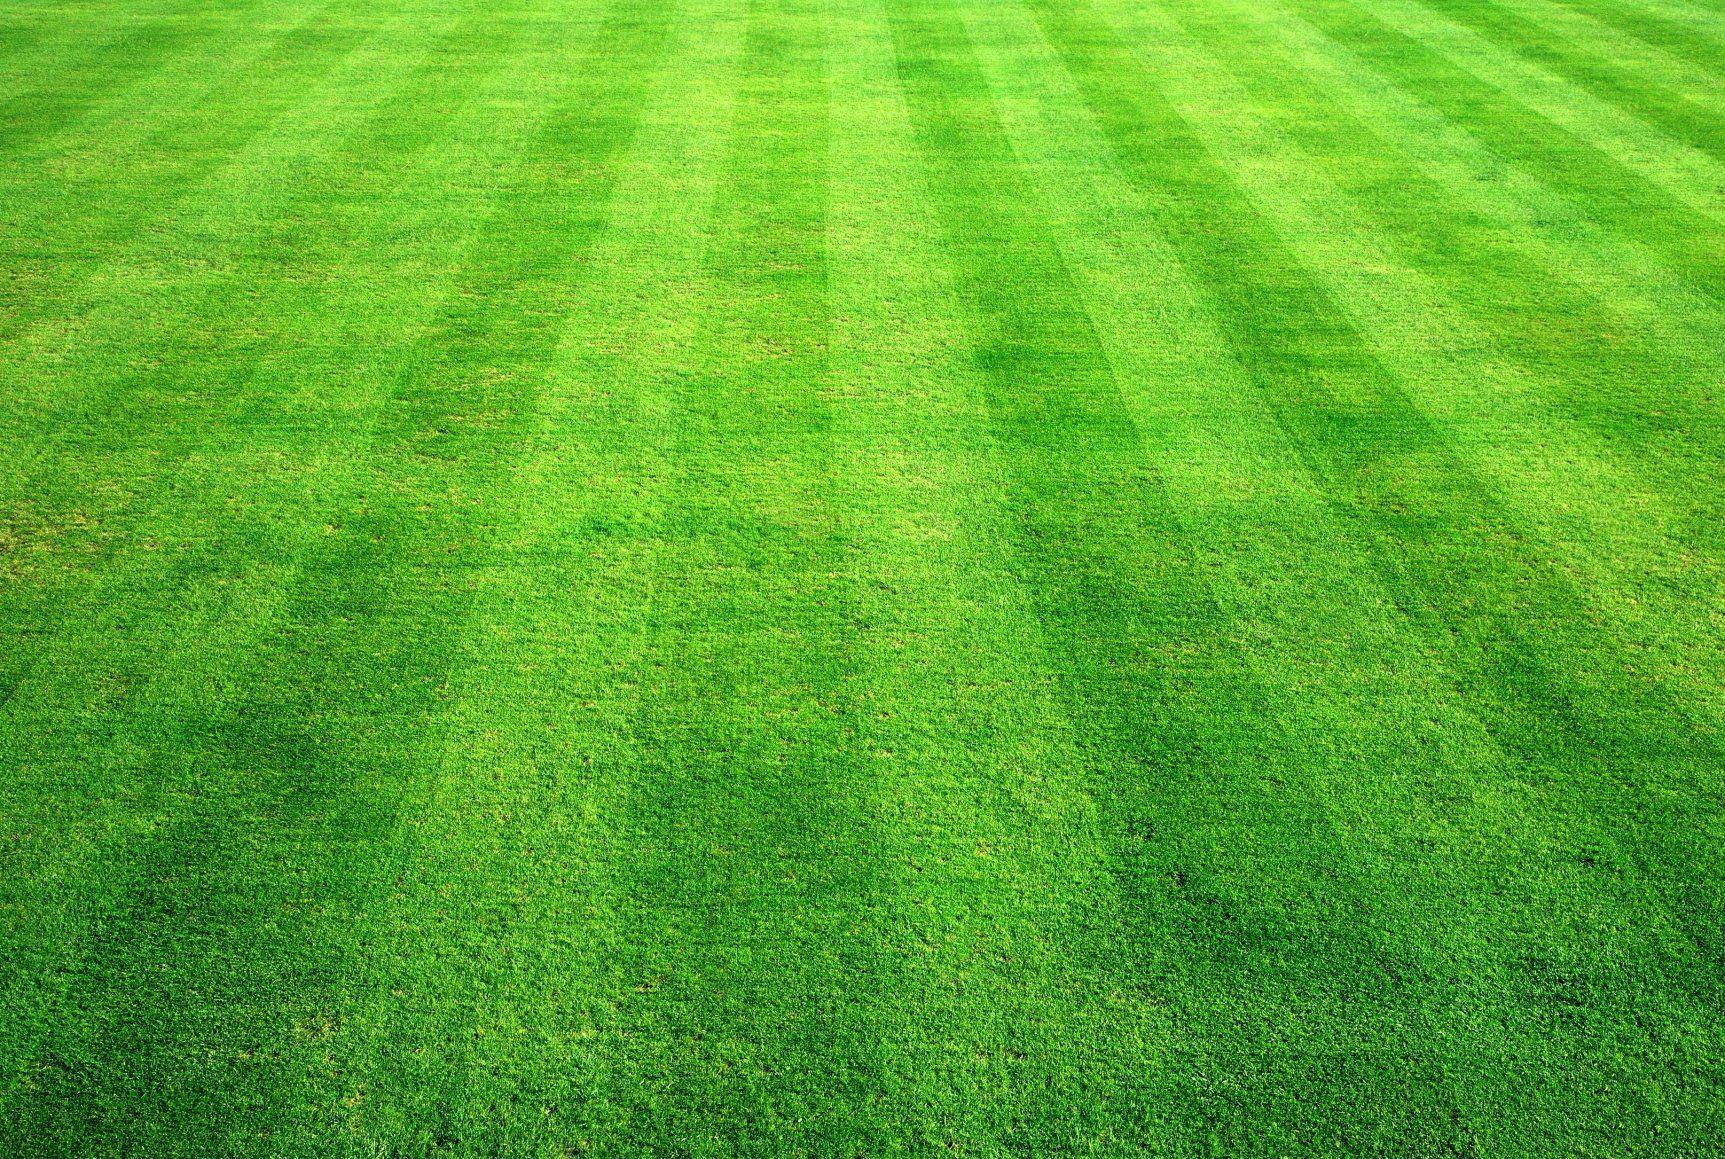 how to cut long grass in garden